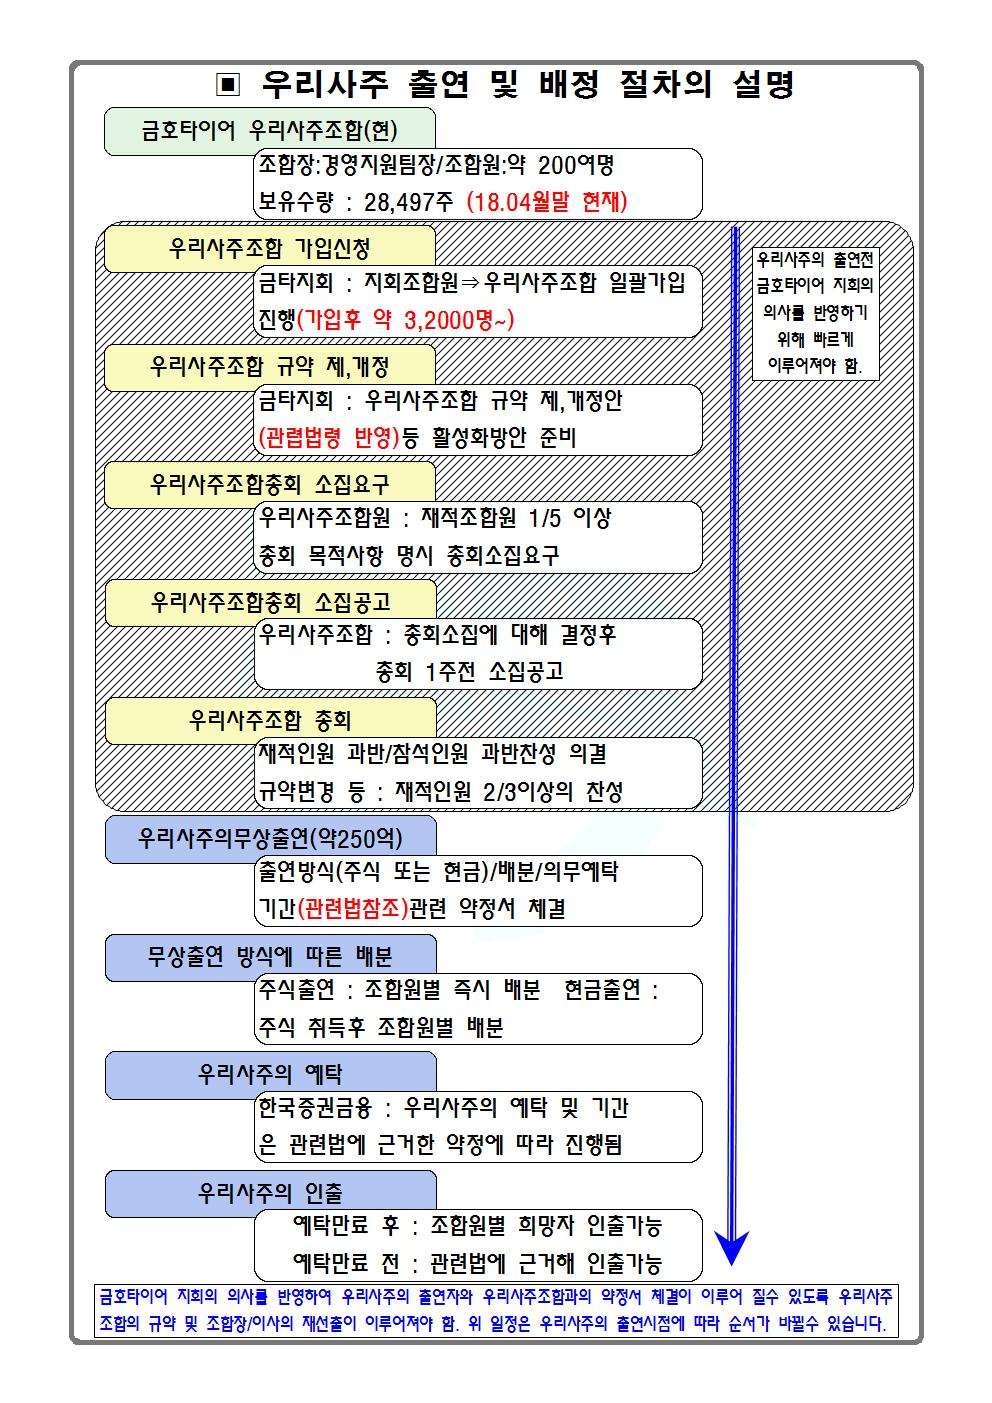 우리사주 출연 배정절차001.jpg